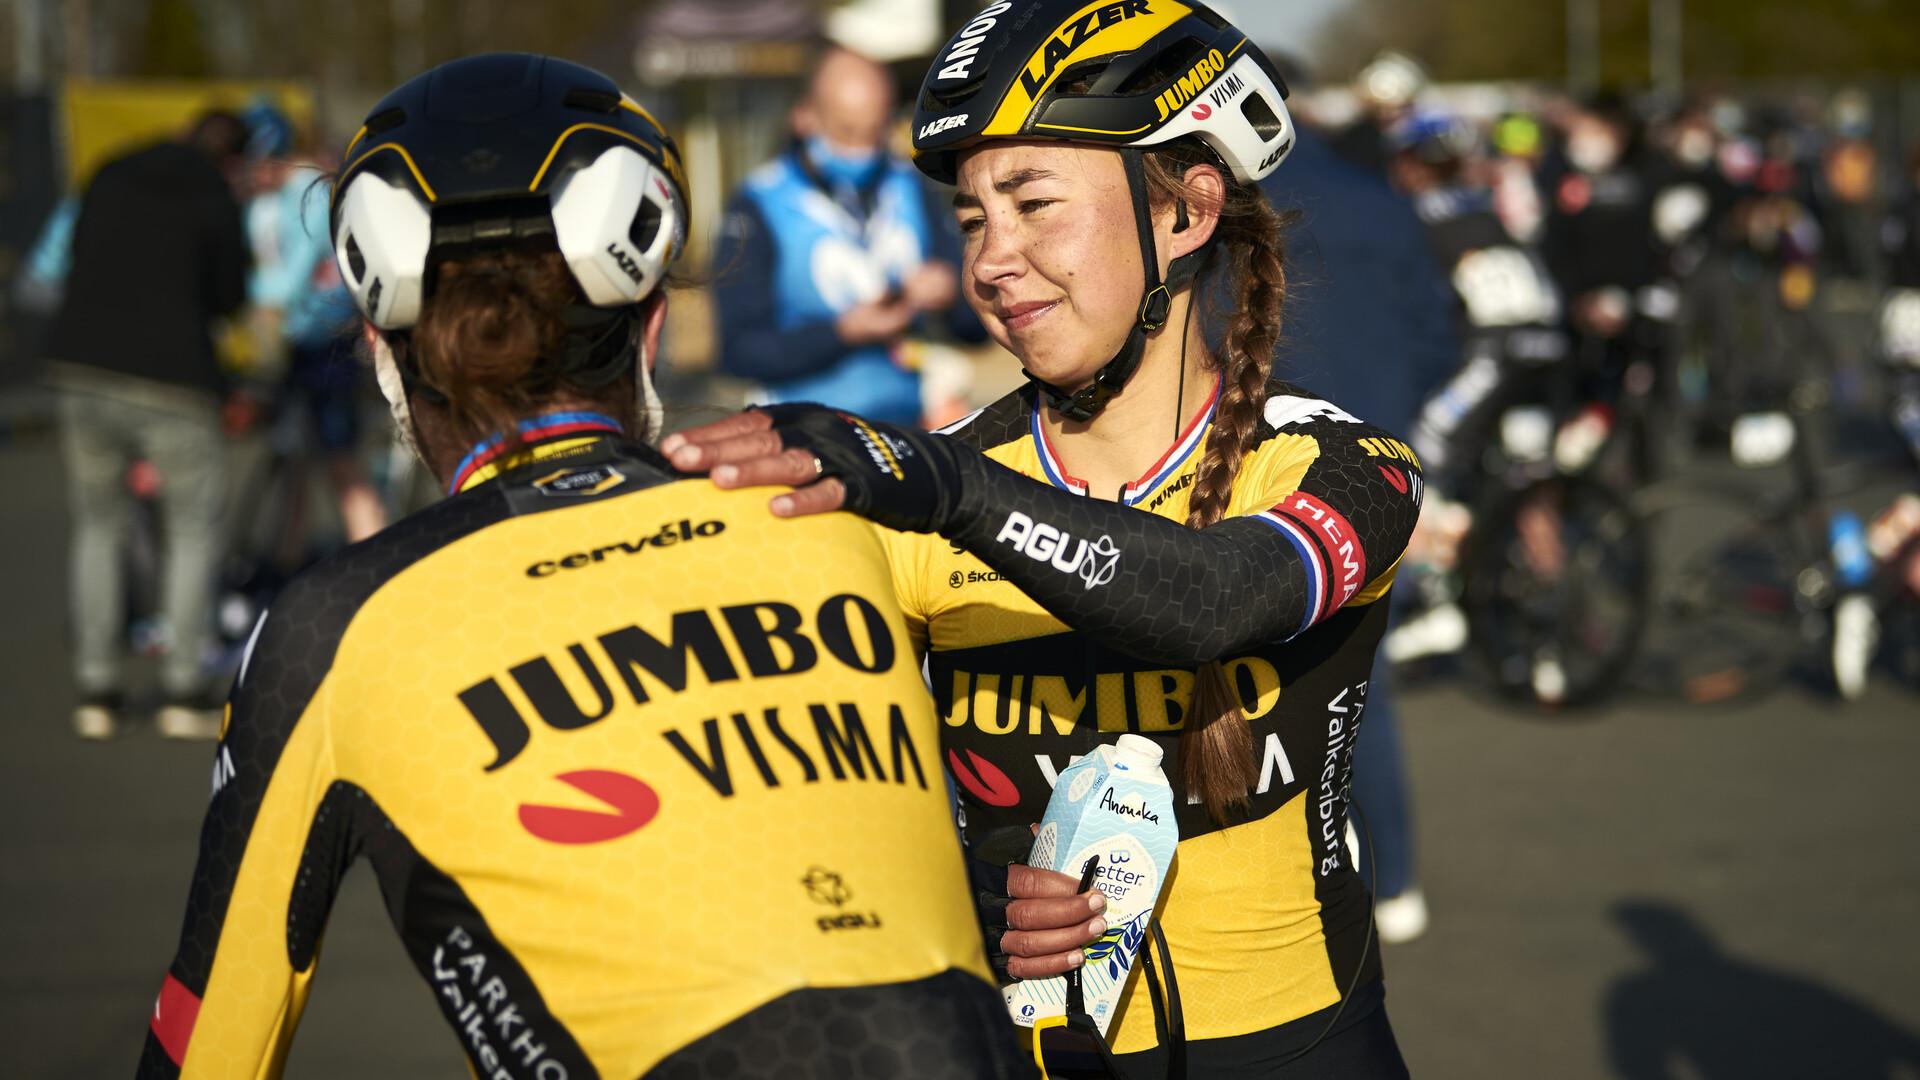 Vertical-Ronde-van-Vlaanderen-2021